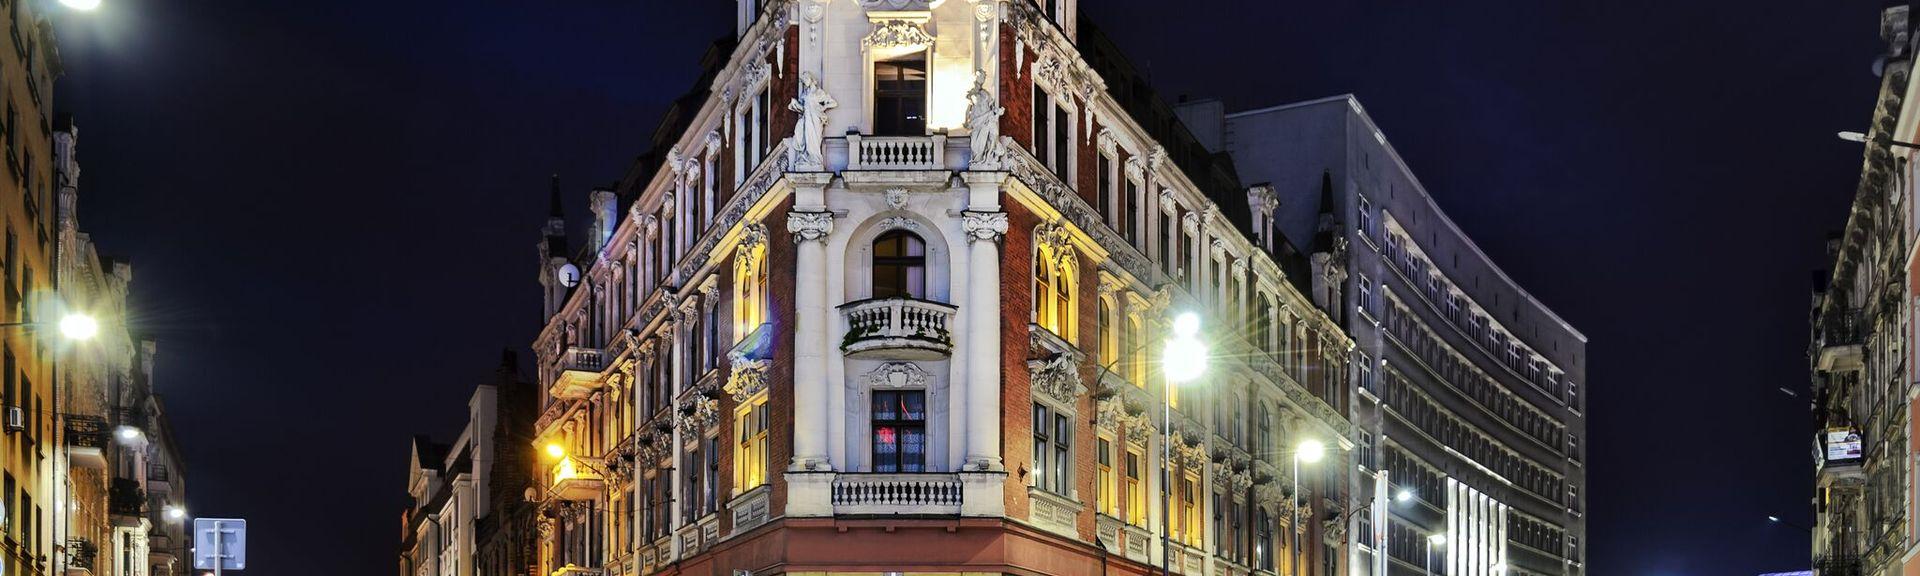 Voivodato Della Slesia Polonia katowice, pl: case vacanze, case in affitto, etc | vrbo